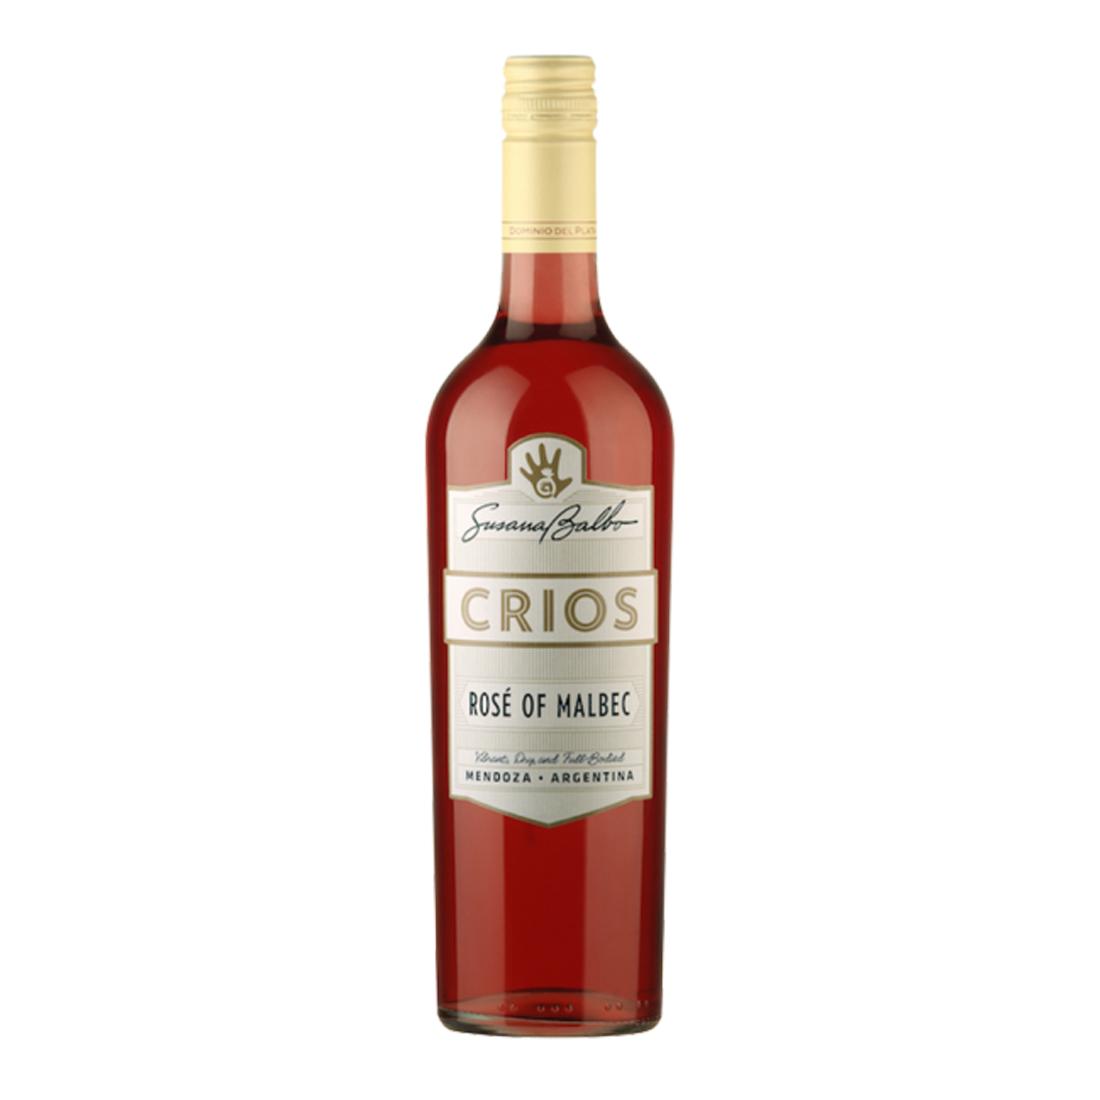 Vinho Crios Susana Balbo Rose de Malbec 750 ml